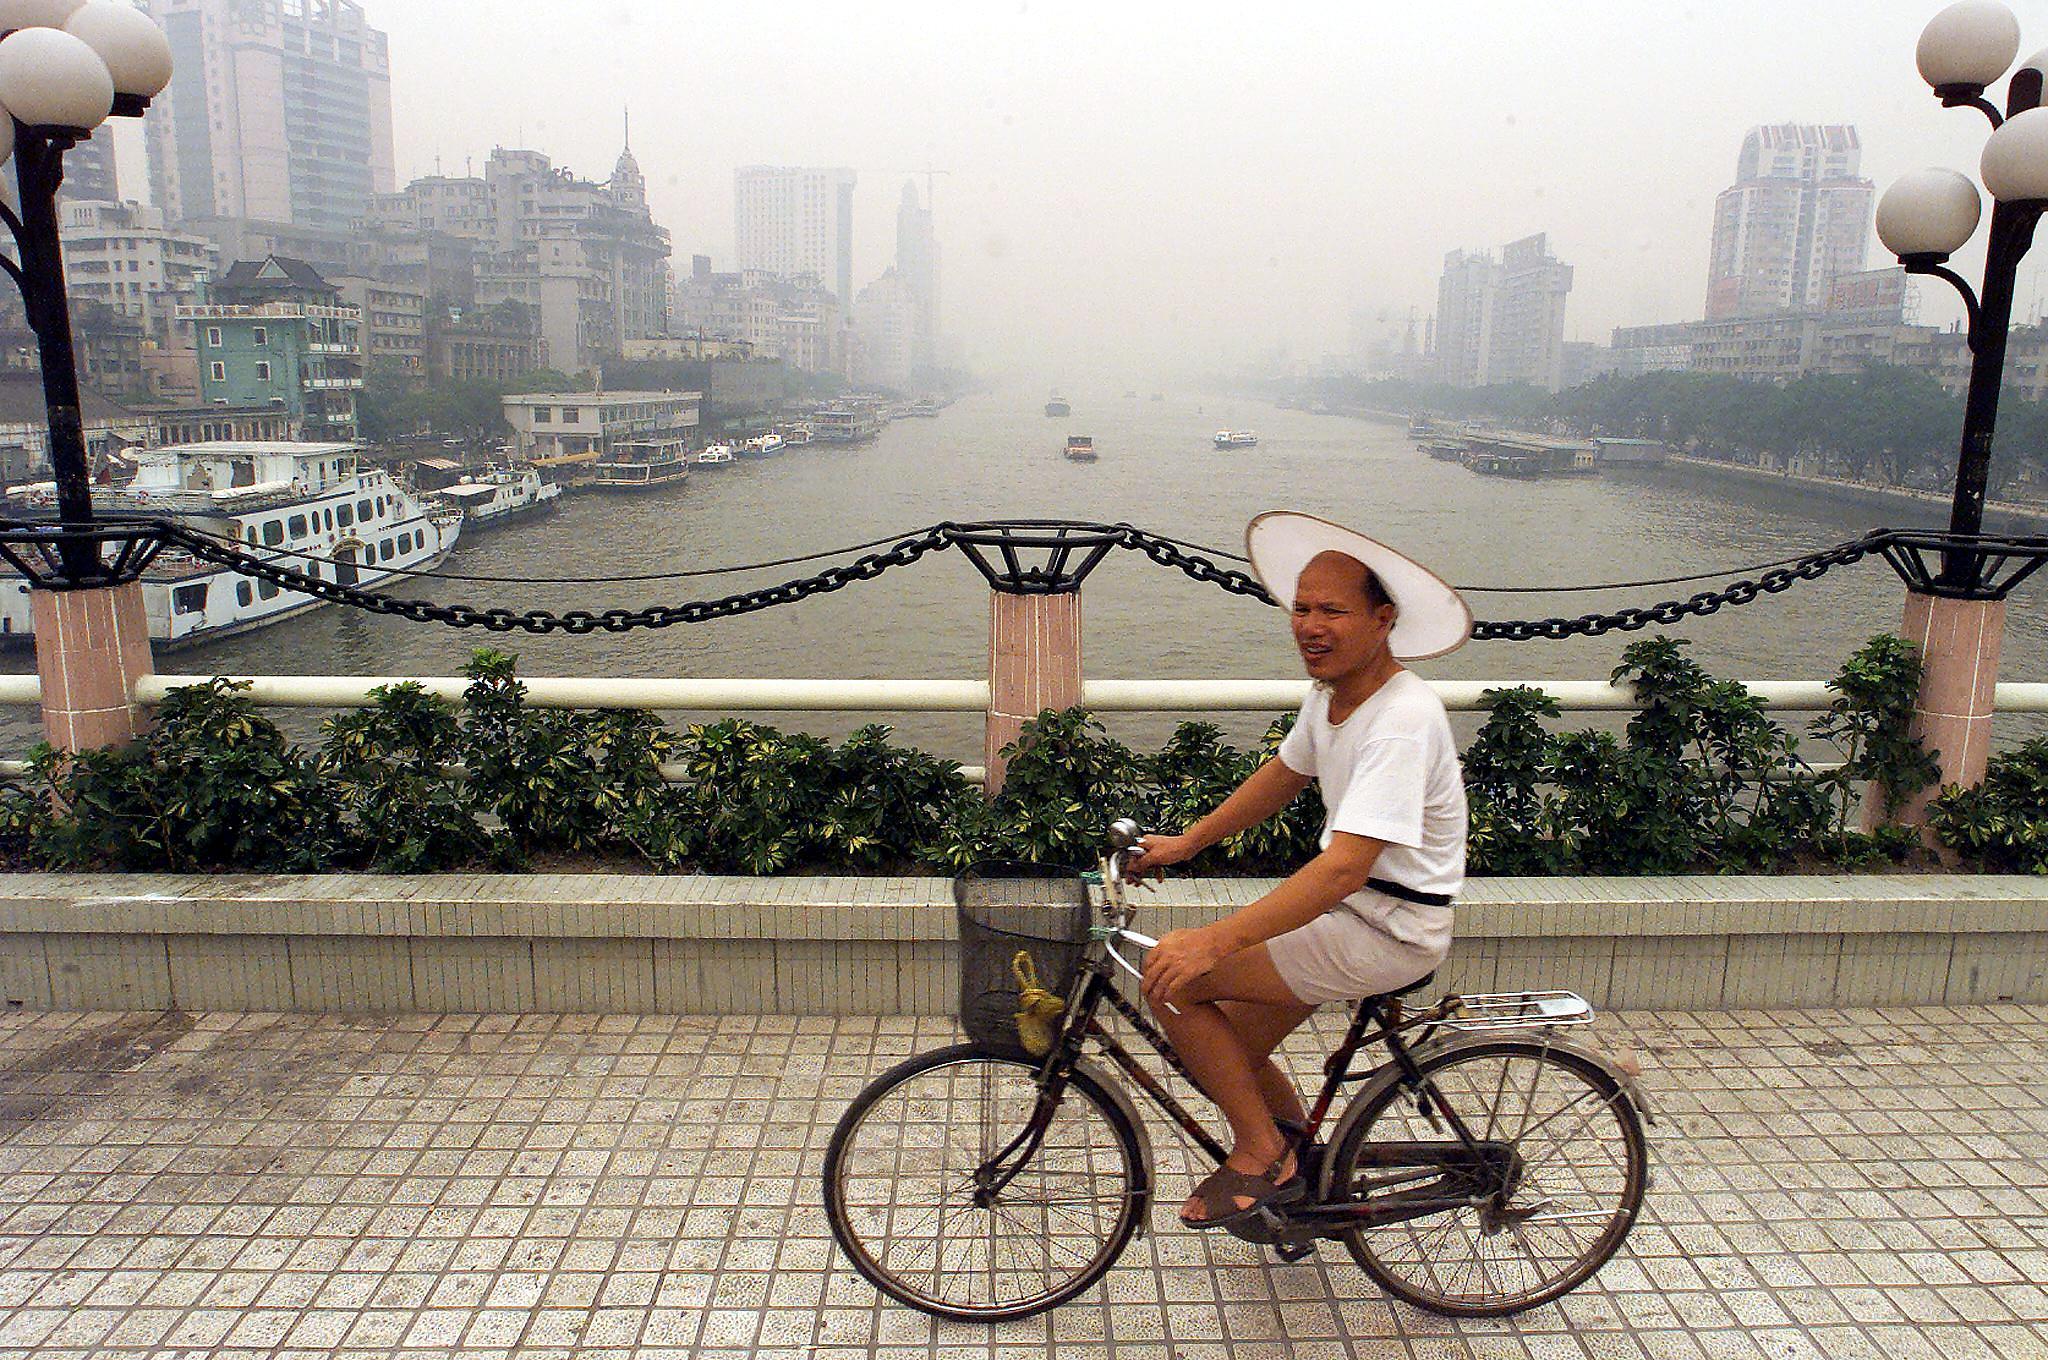 Egy kínai bringás 500 kilométert tekert le, mire rájött, hogy rossz irányba indult el